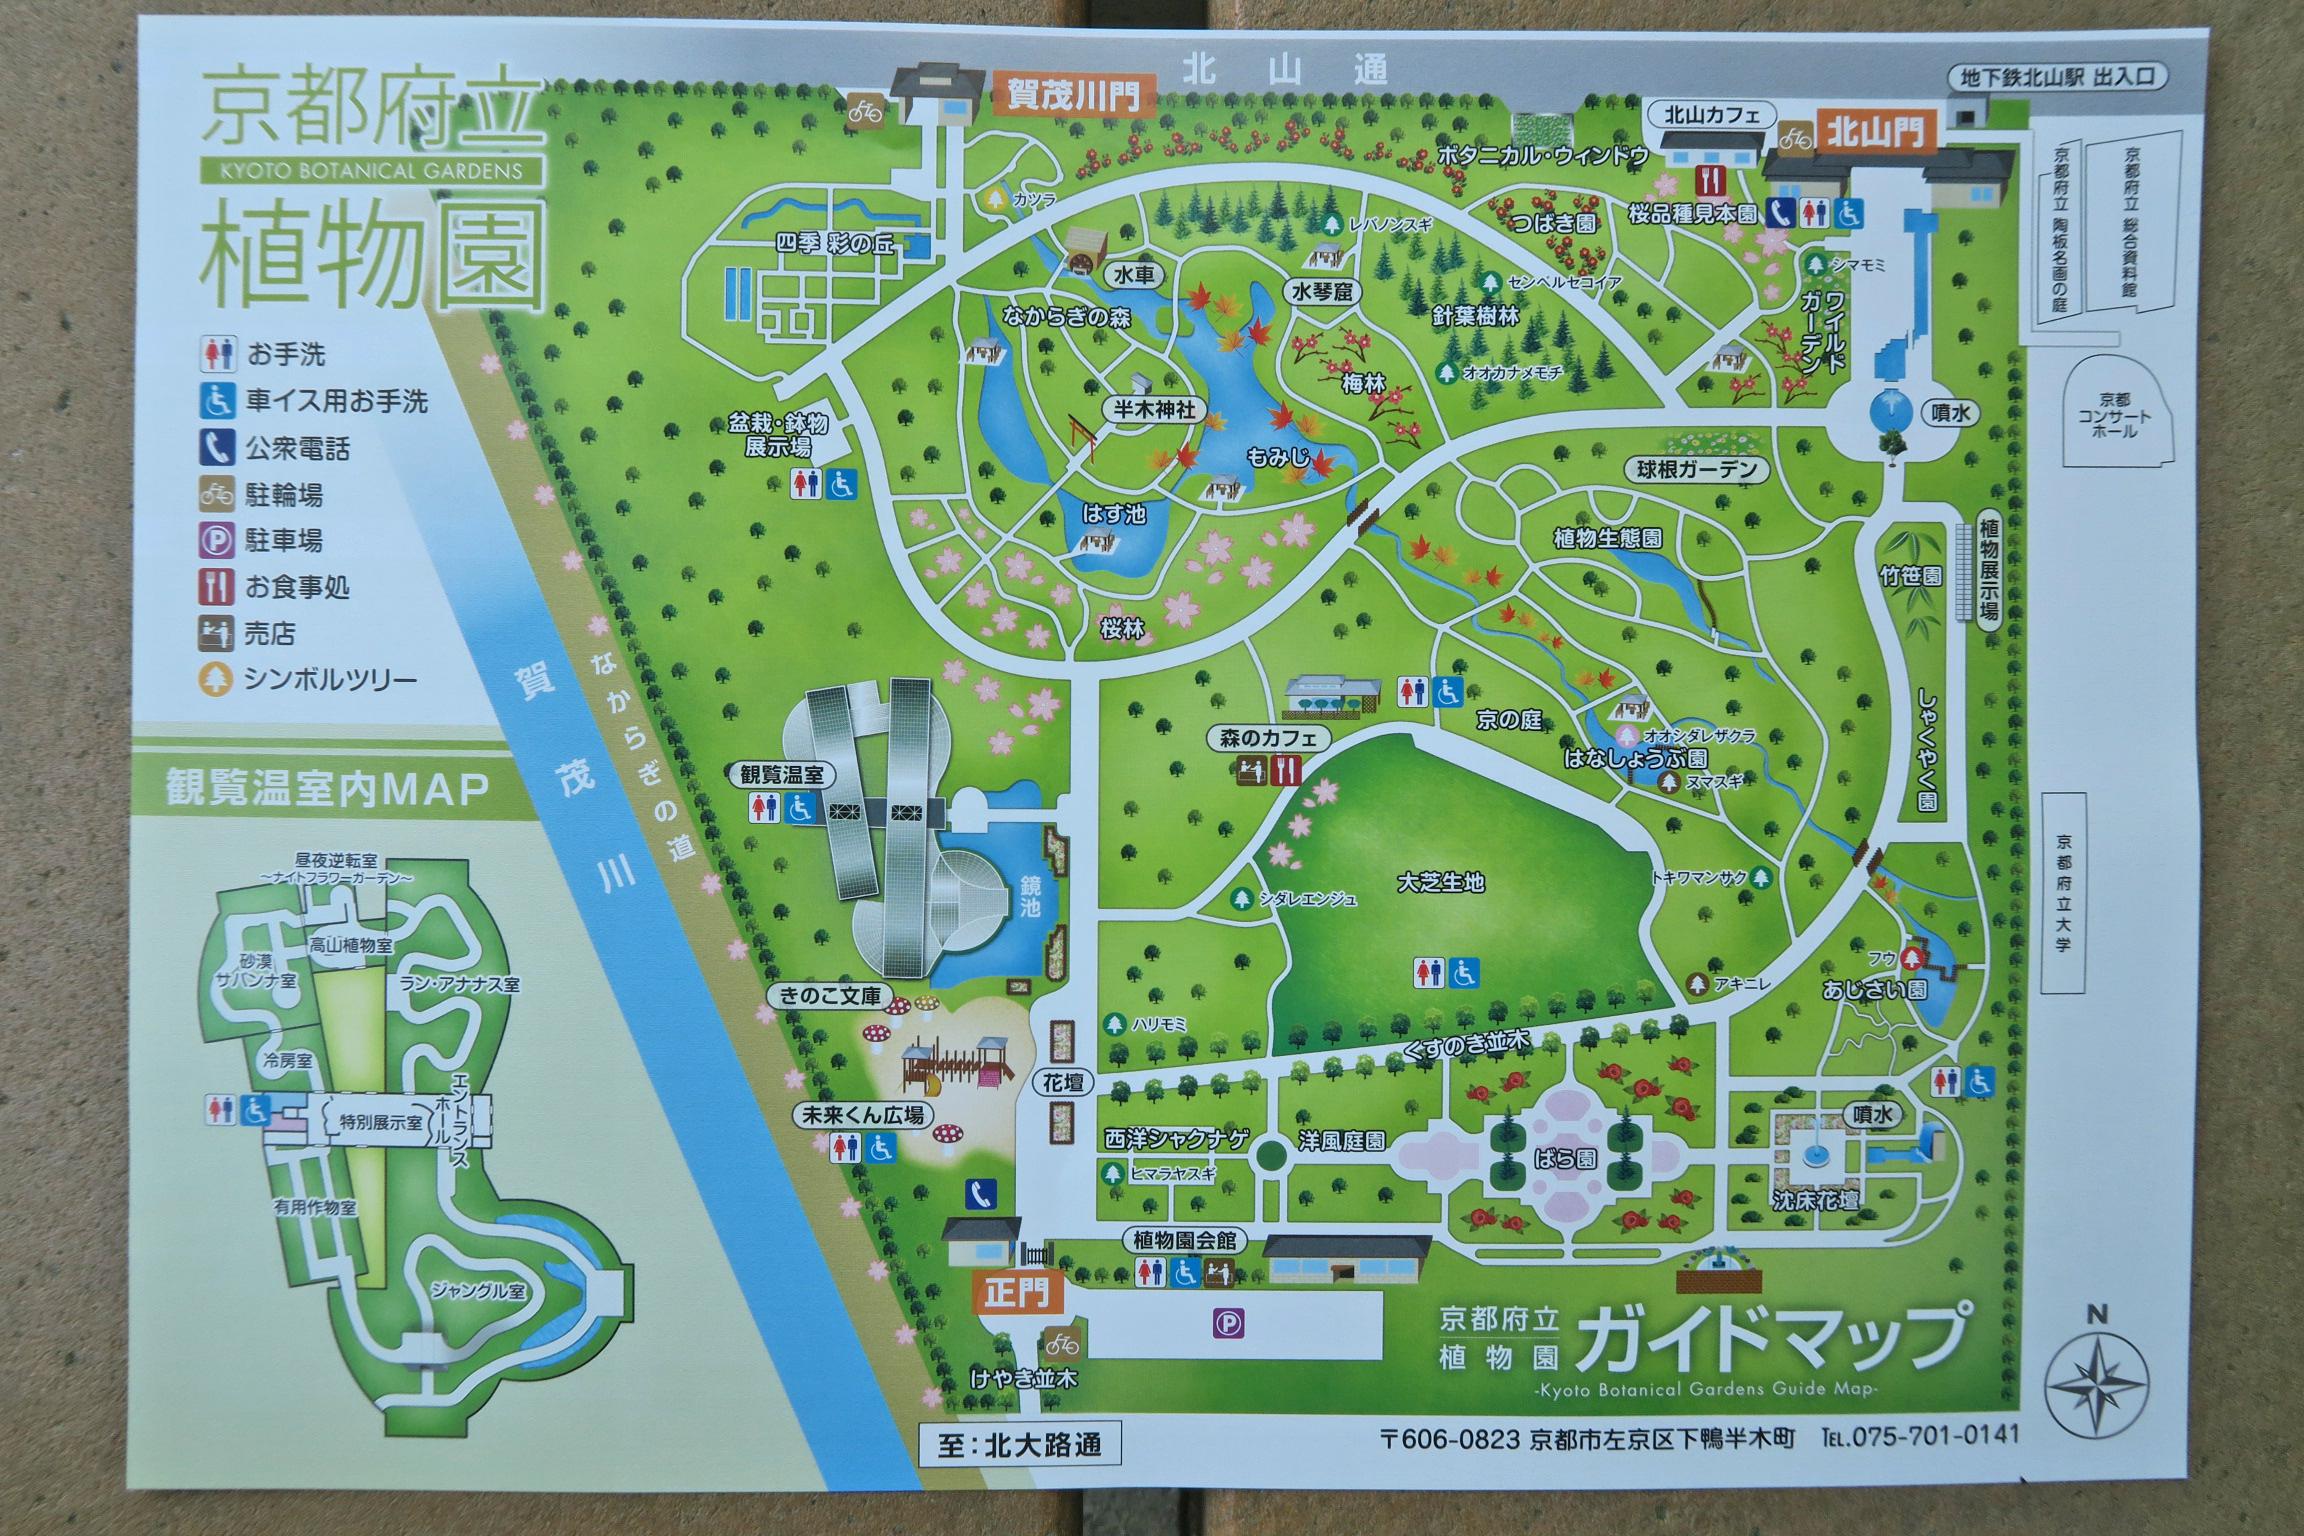 カラー地図をGET。園内はかなり広く、迷路のような空間もありますので、入手しておいた方がいいですよ~